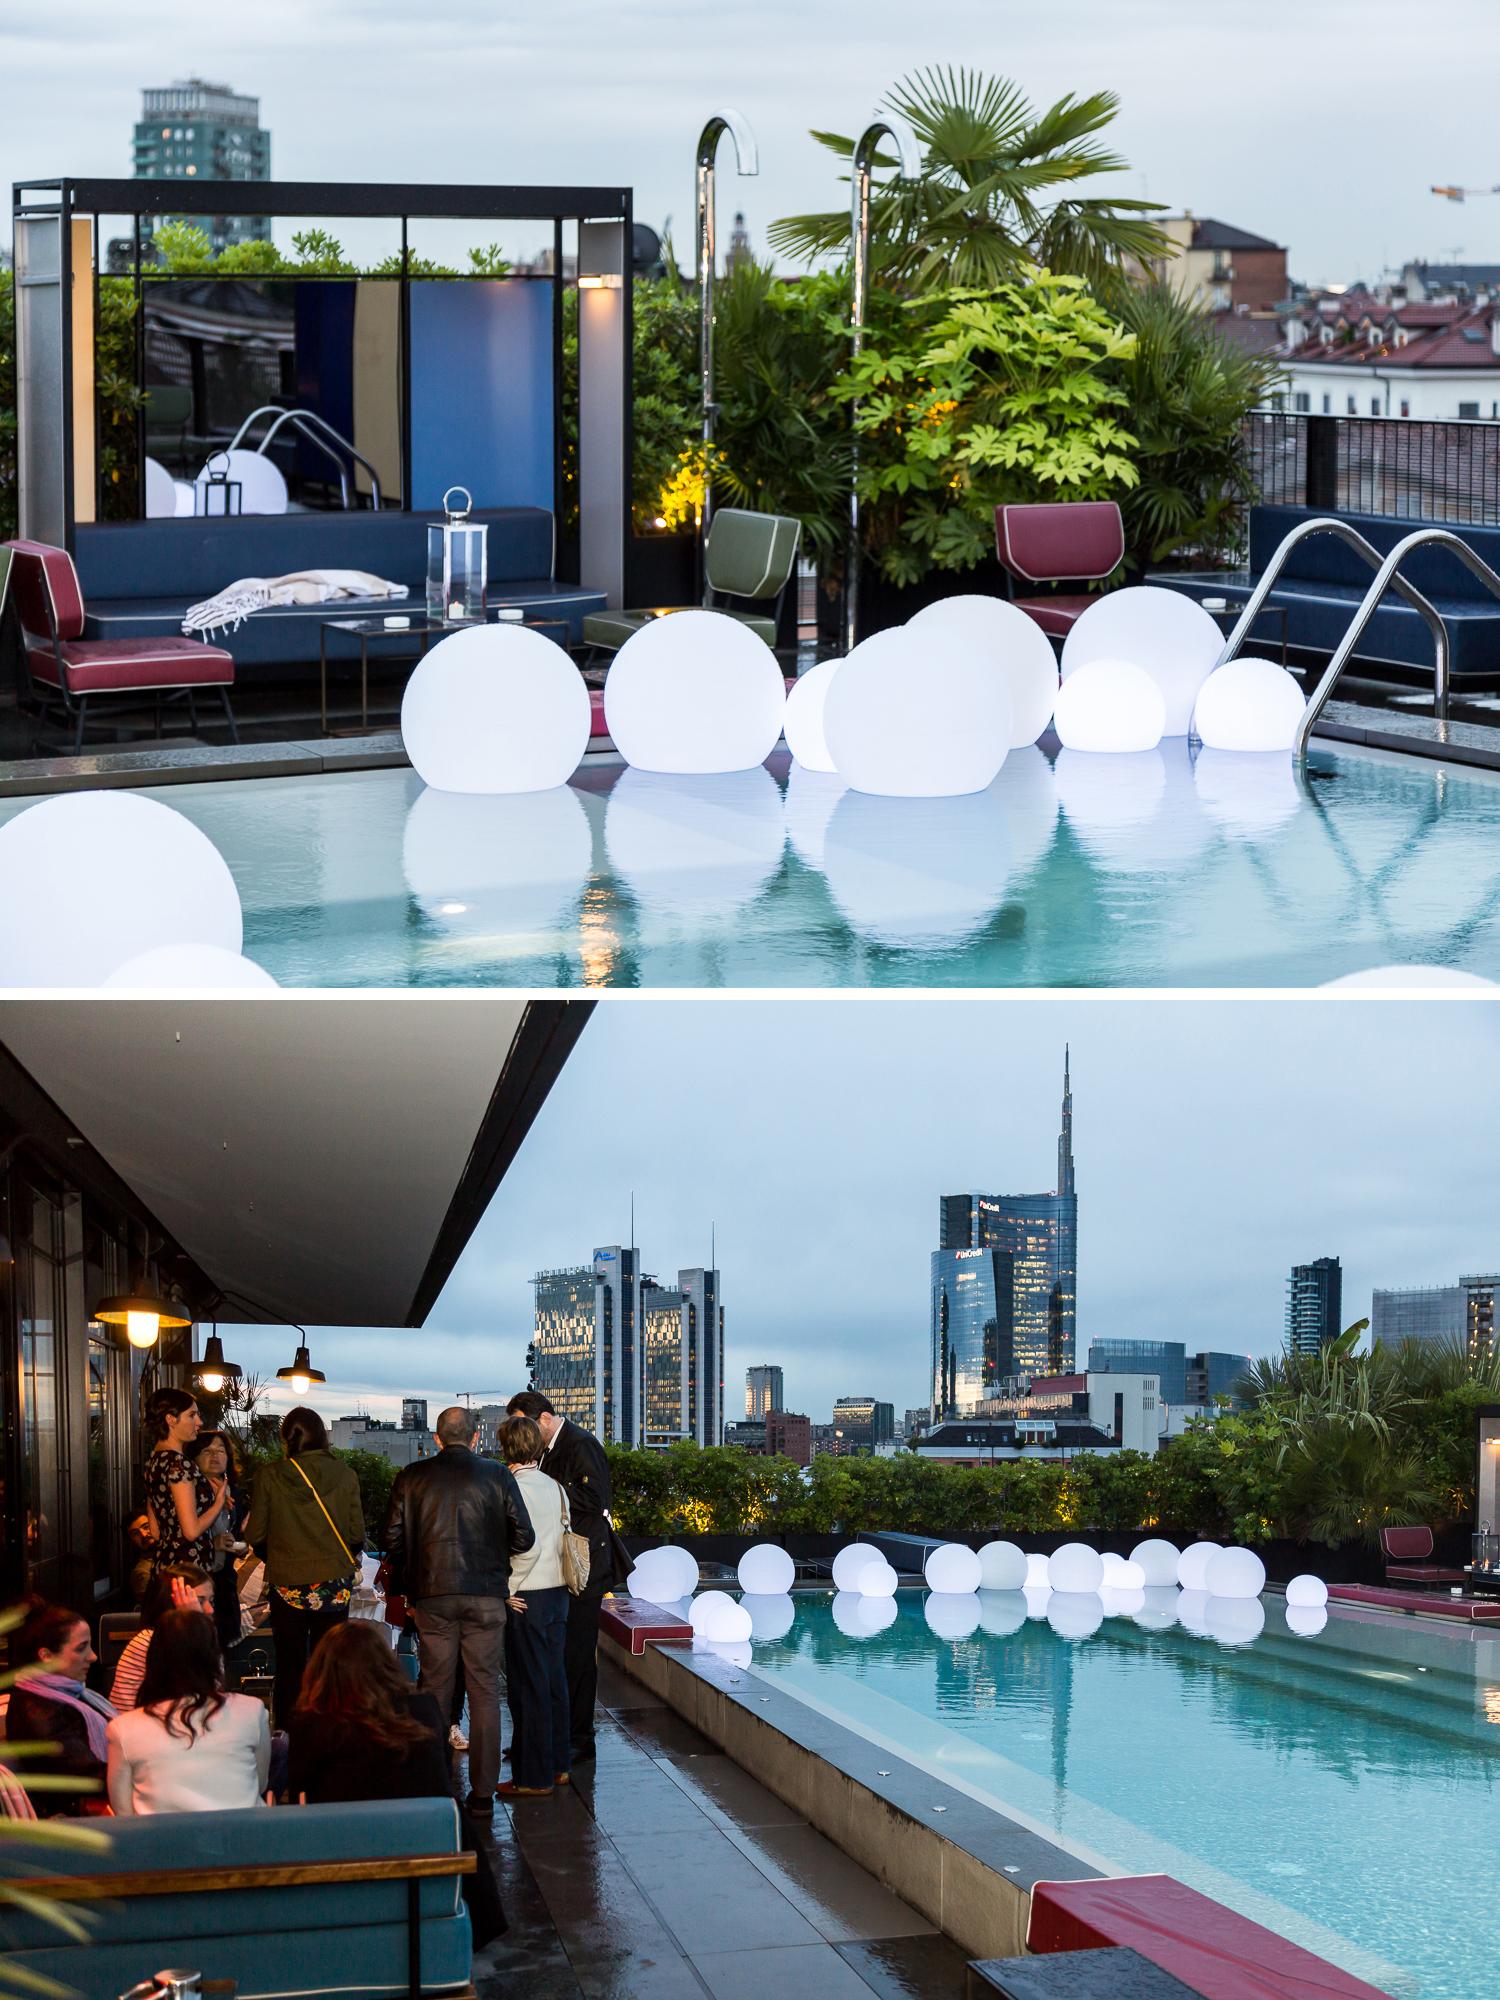 Pool party, Pool party di Dalani, Dalani, Ispirazione, Stile, Milano